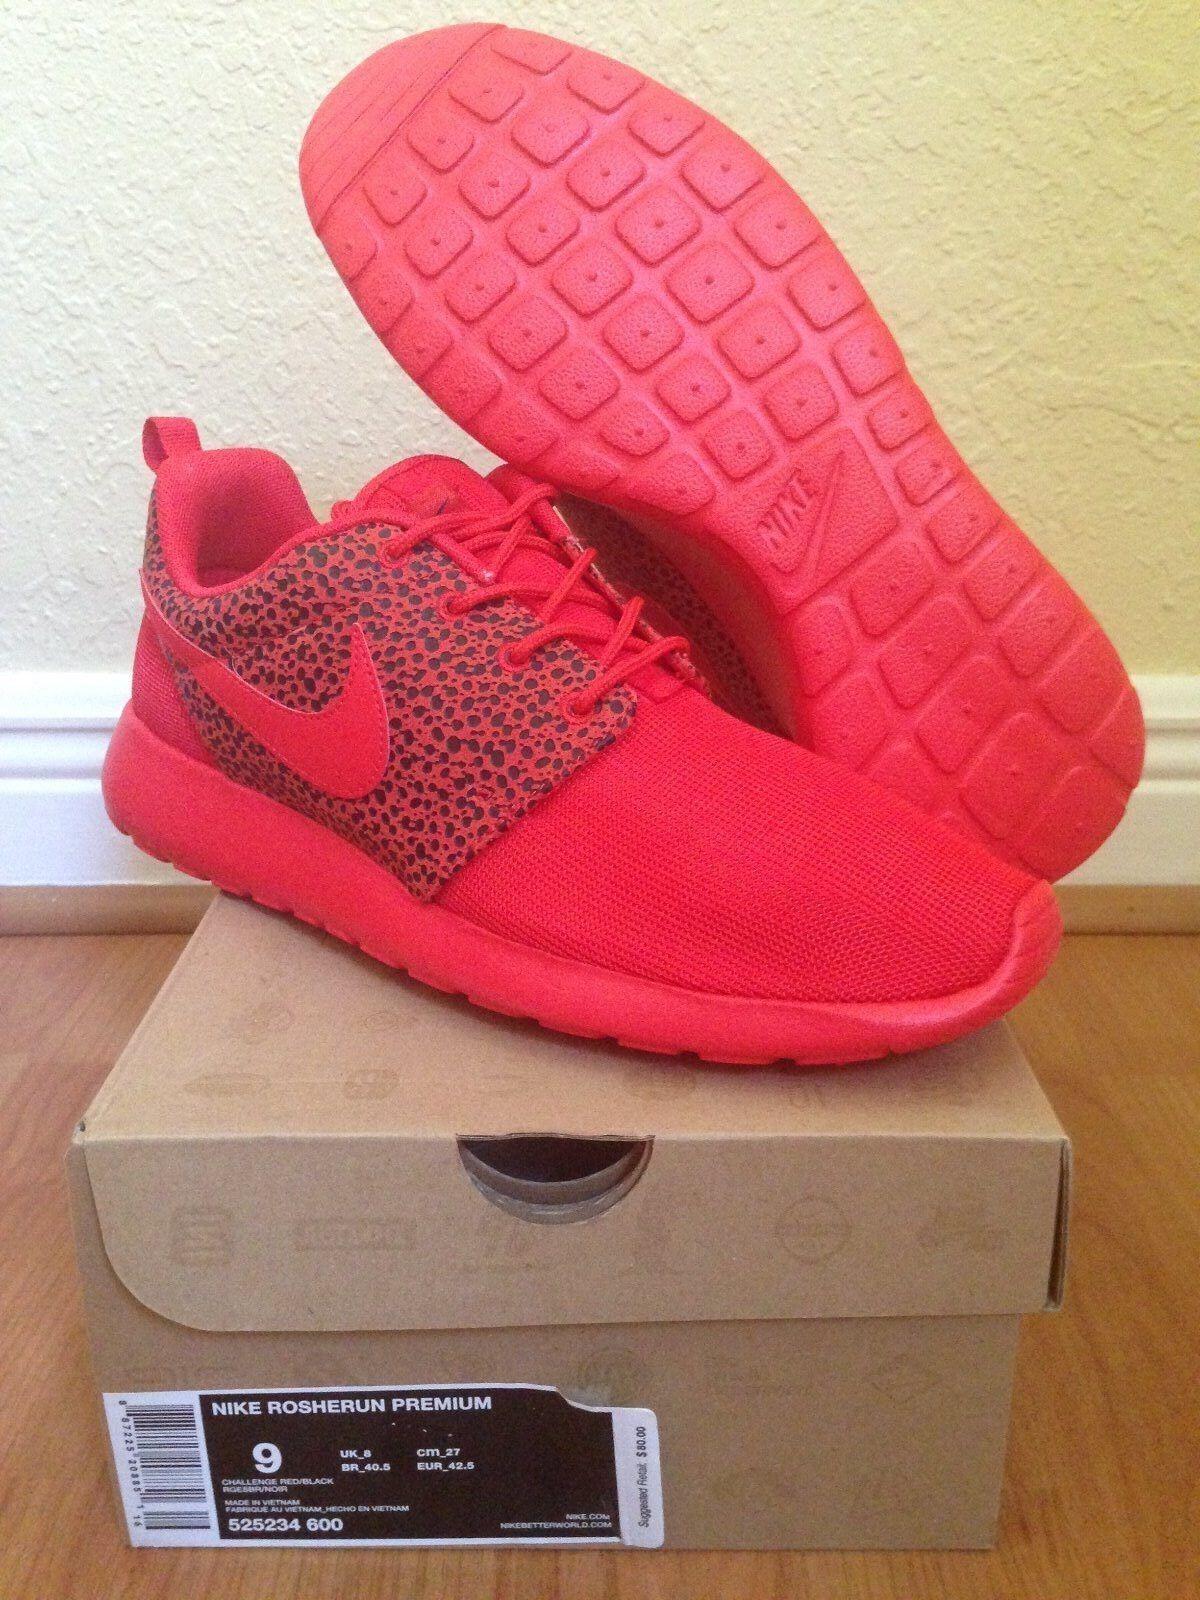 Nike roshe lauf premium - safari pack rot - herausforderung rot pack - sz - 9 - neue ds - frei schiff 31dfca